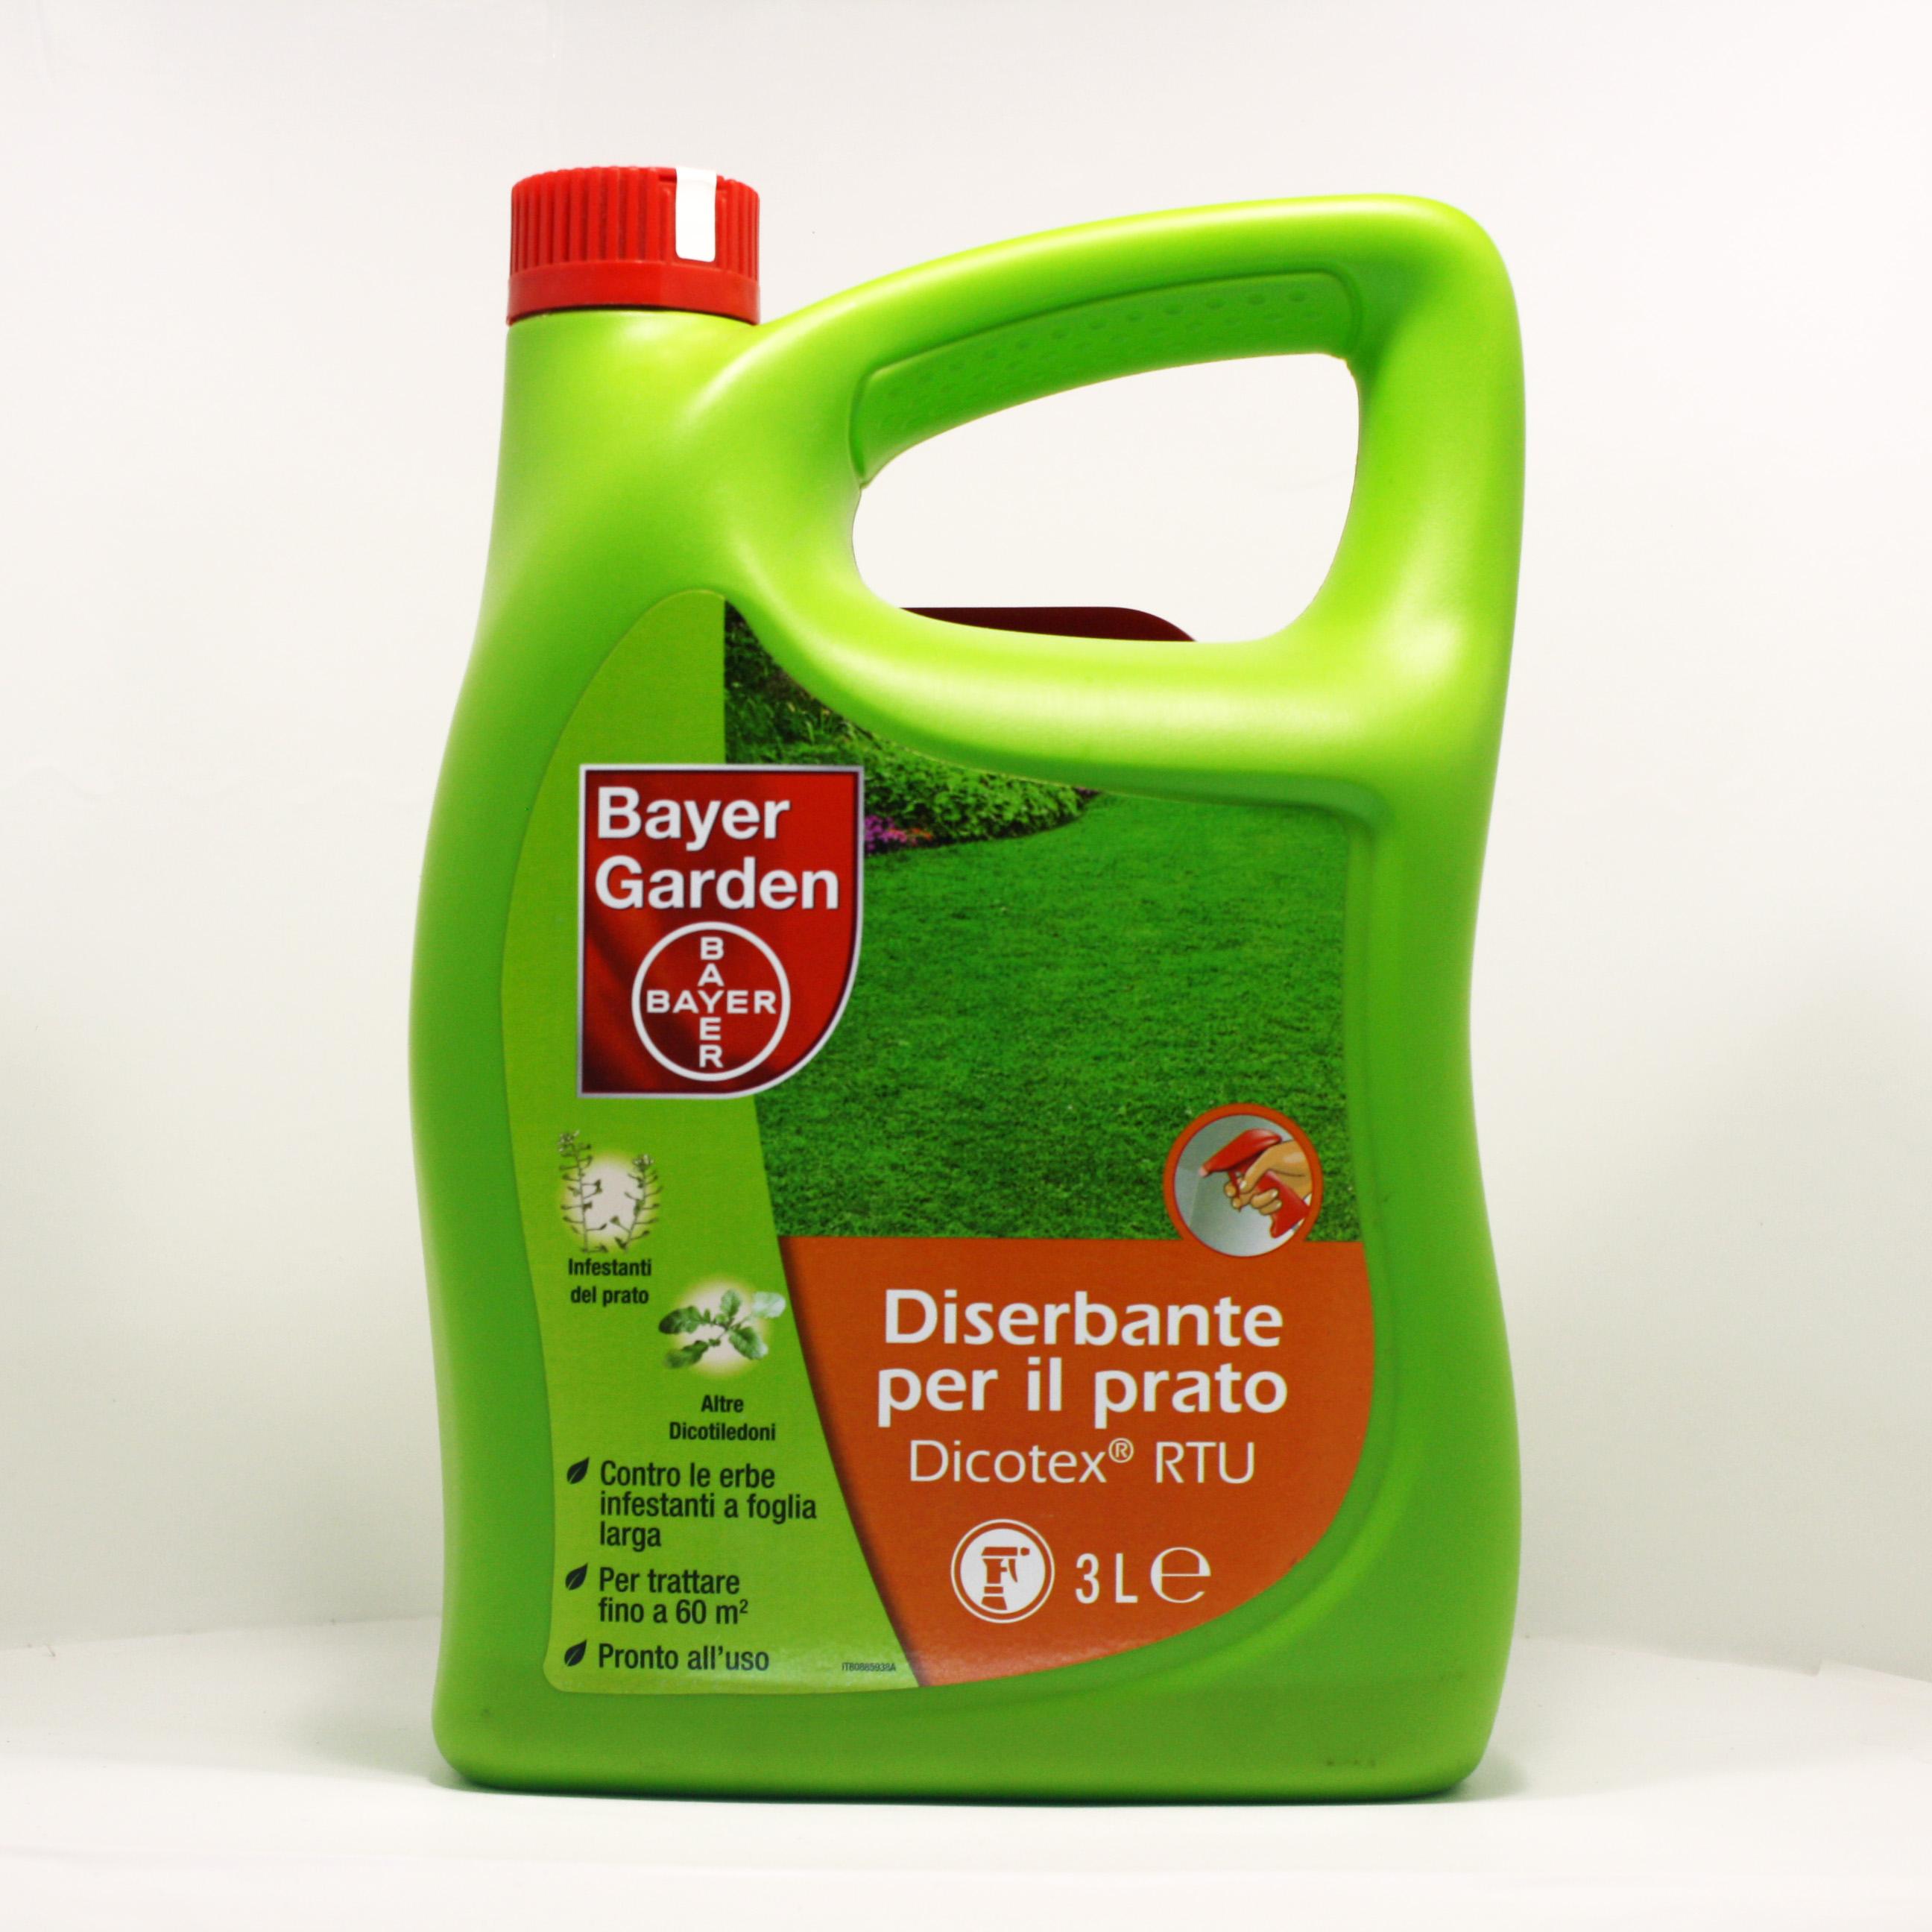 Bayer garden dicotex rtu diserbante per il prato for Diserbante per prato